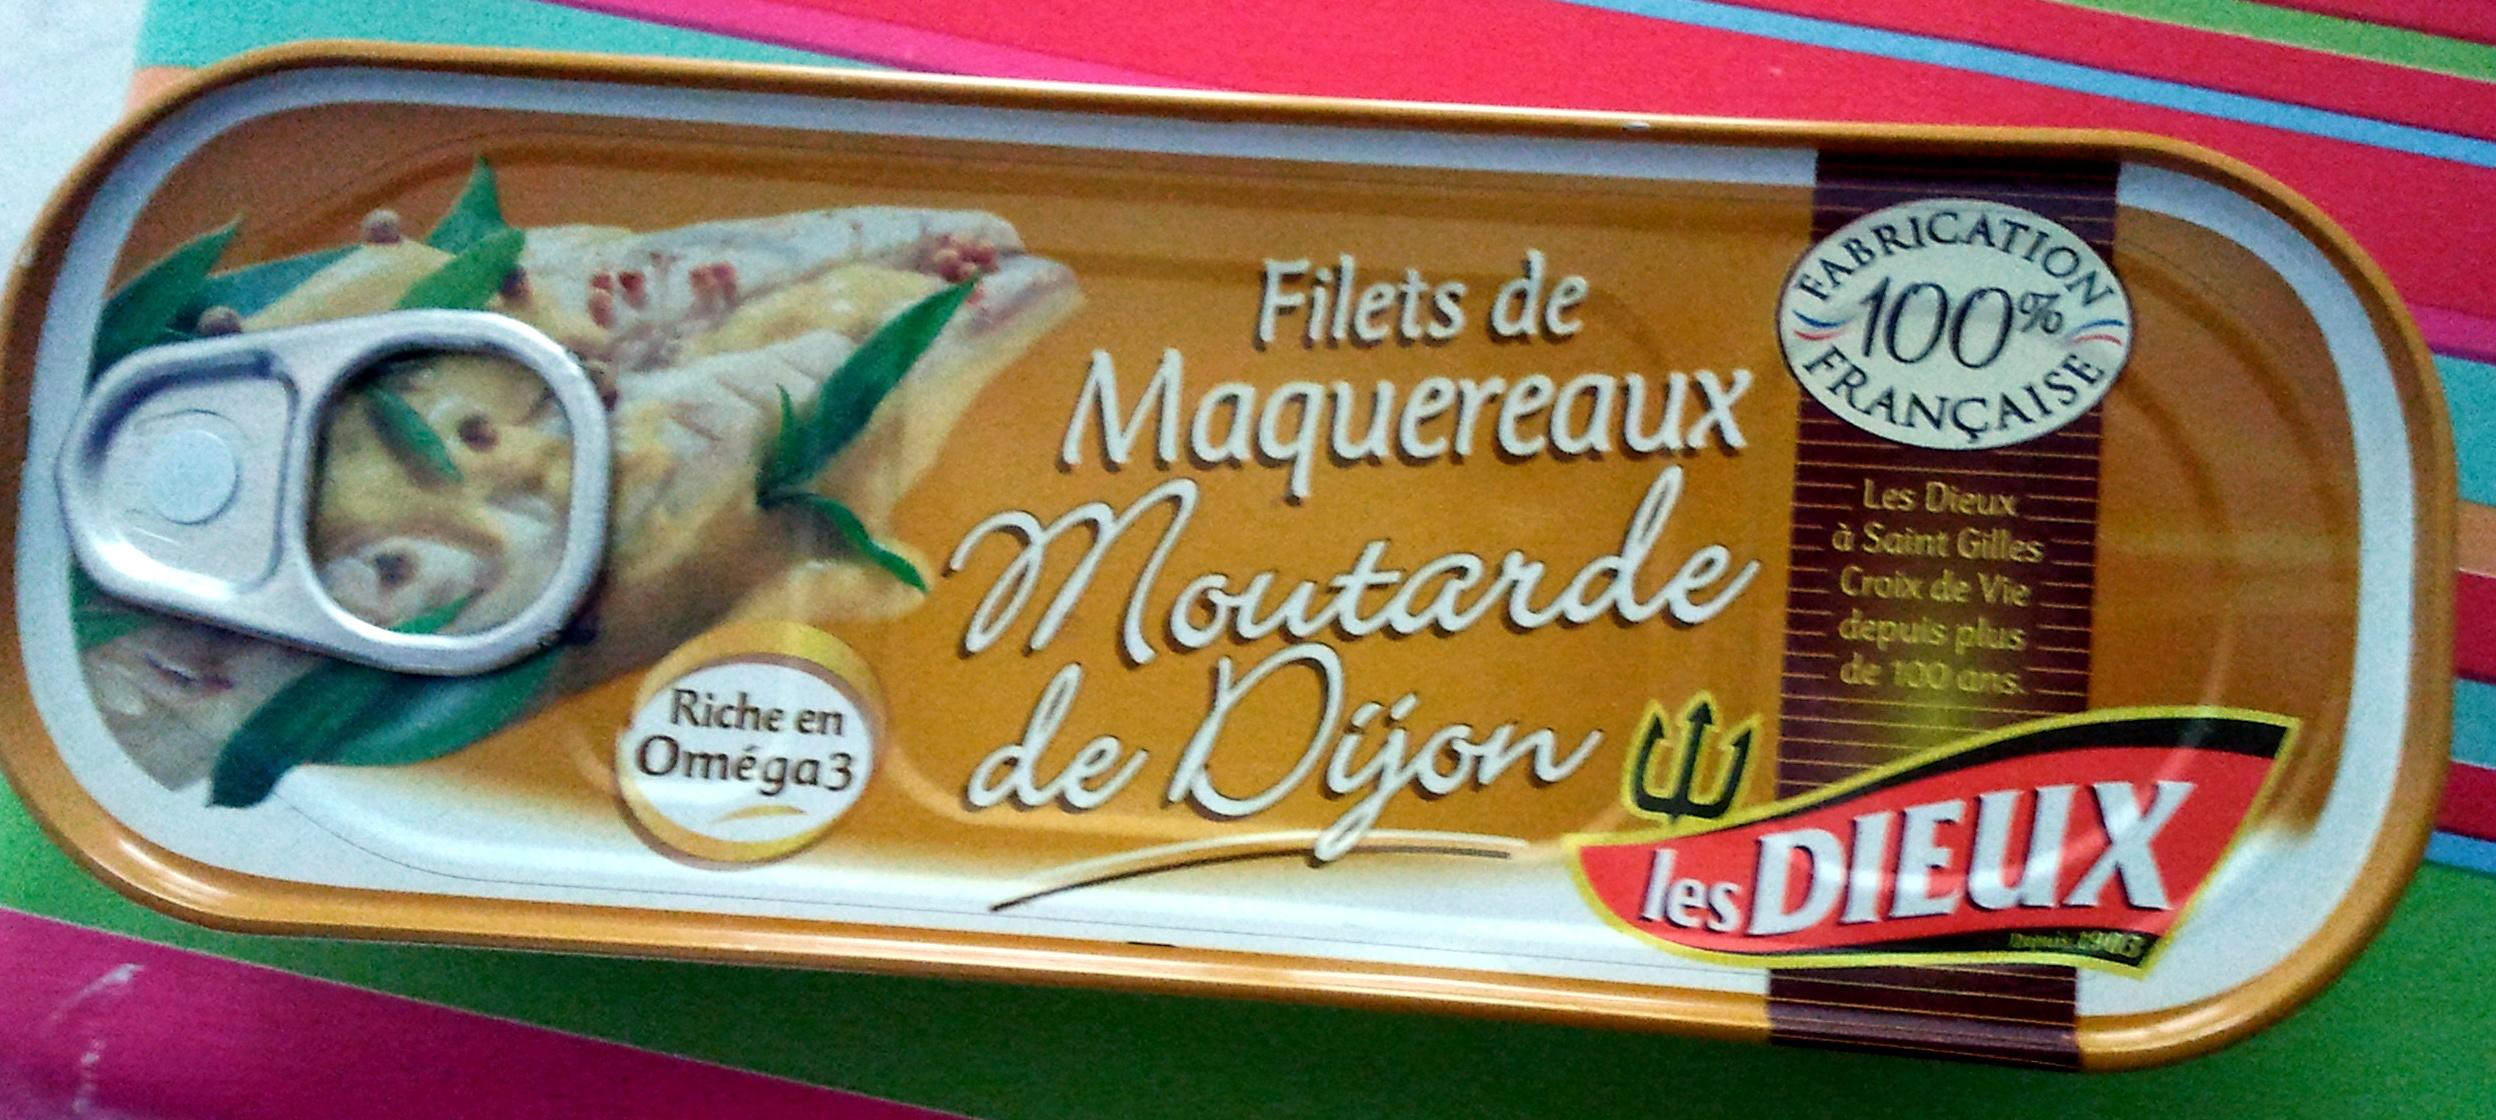 Filets de maquereaux à la moutarde de Dijon - Produit - fr